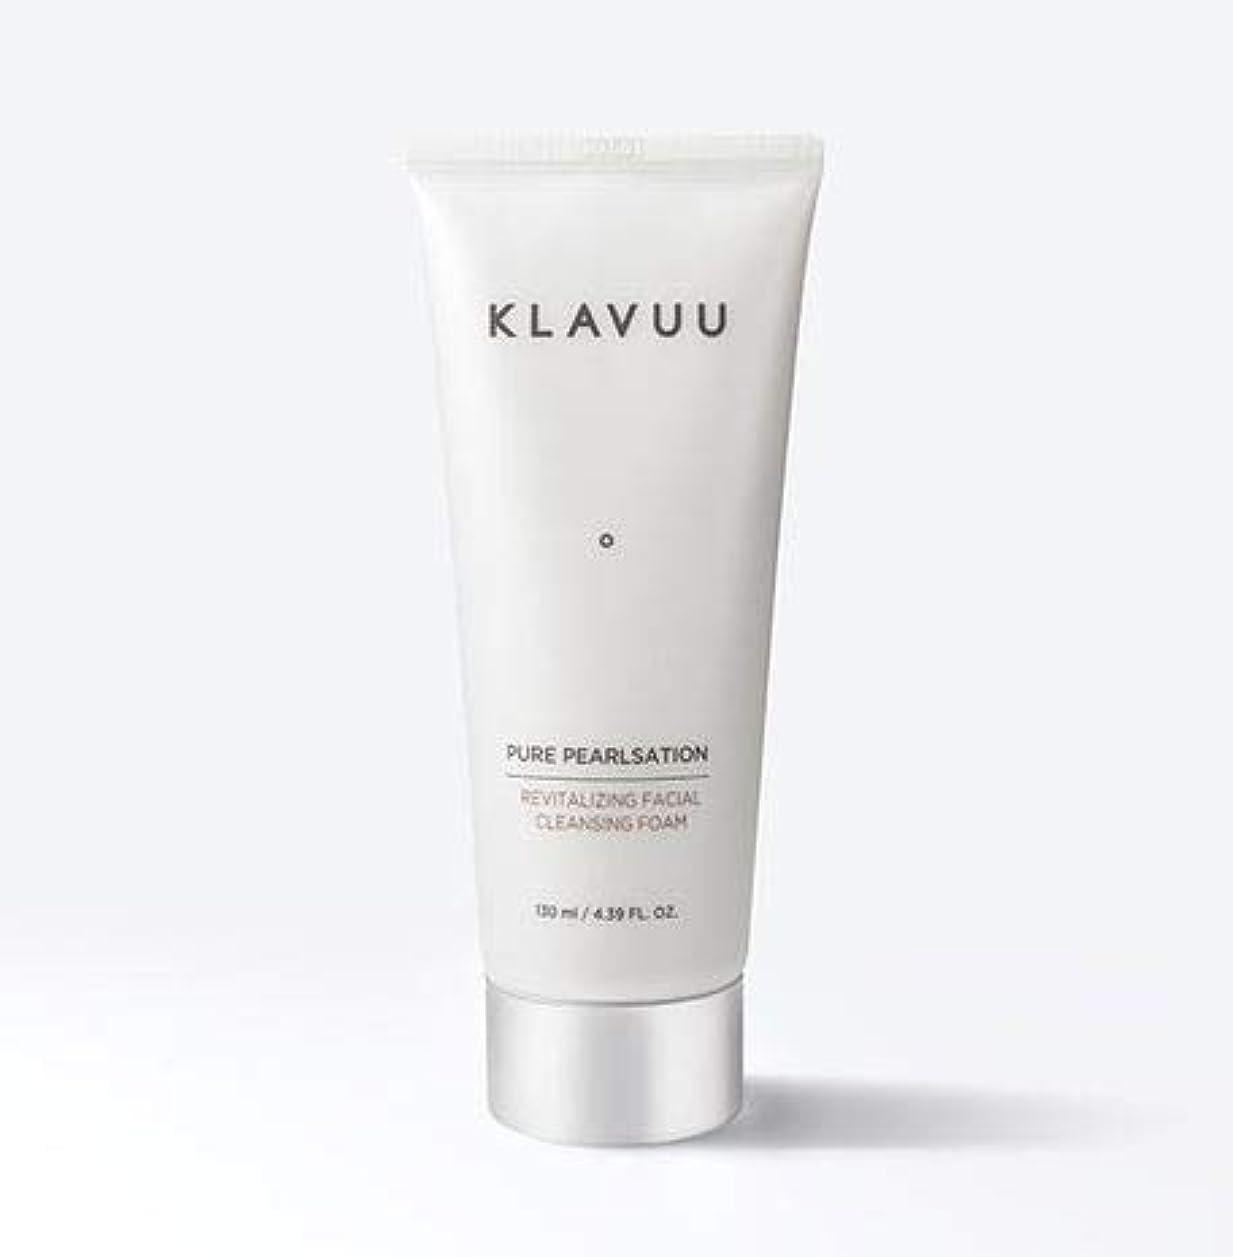 生物学作り上げるスイス人[ Klavuu ] PURE PEARLSATION Revitalizing Facial Cleansing Foam /[クラビュー ] ピュア パールセ―ション リバイタライジング フェイシャル クレンジング...